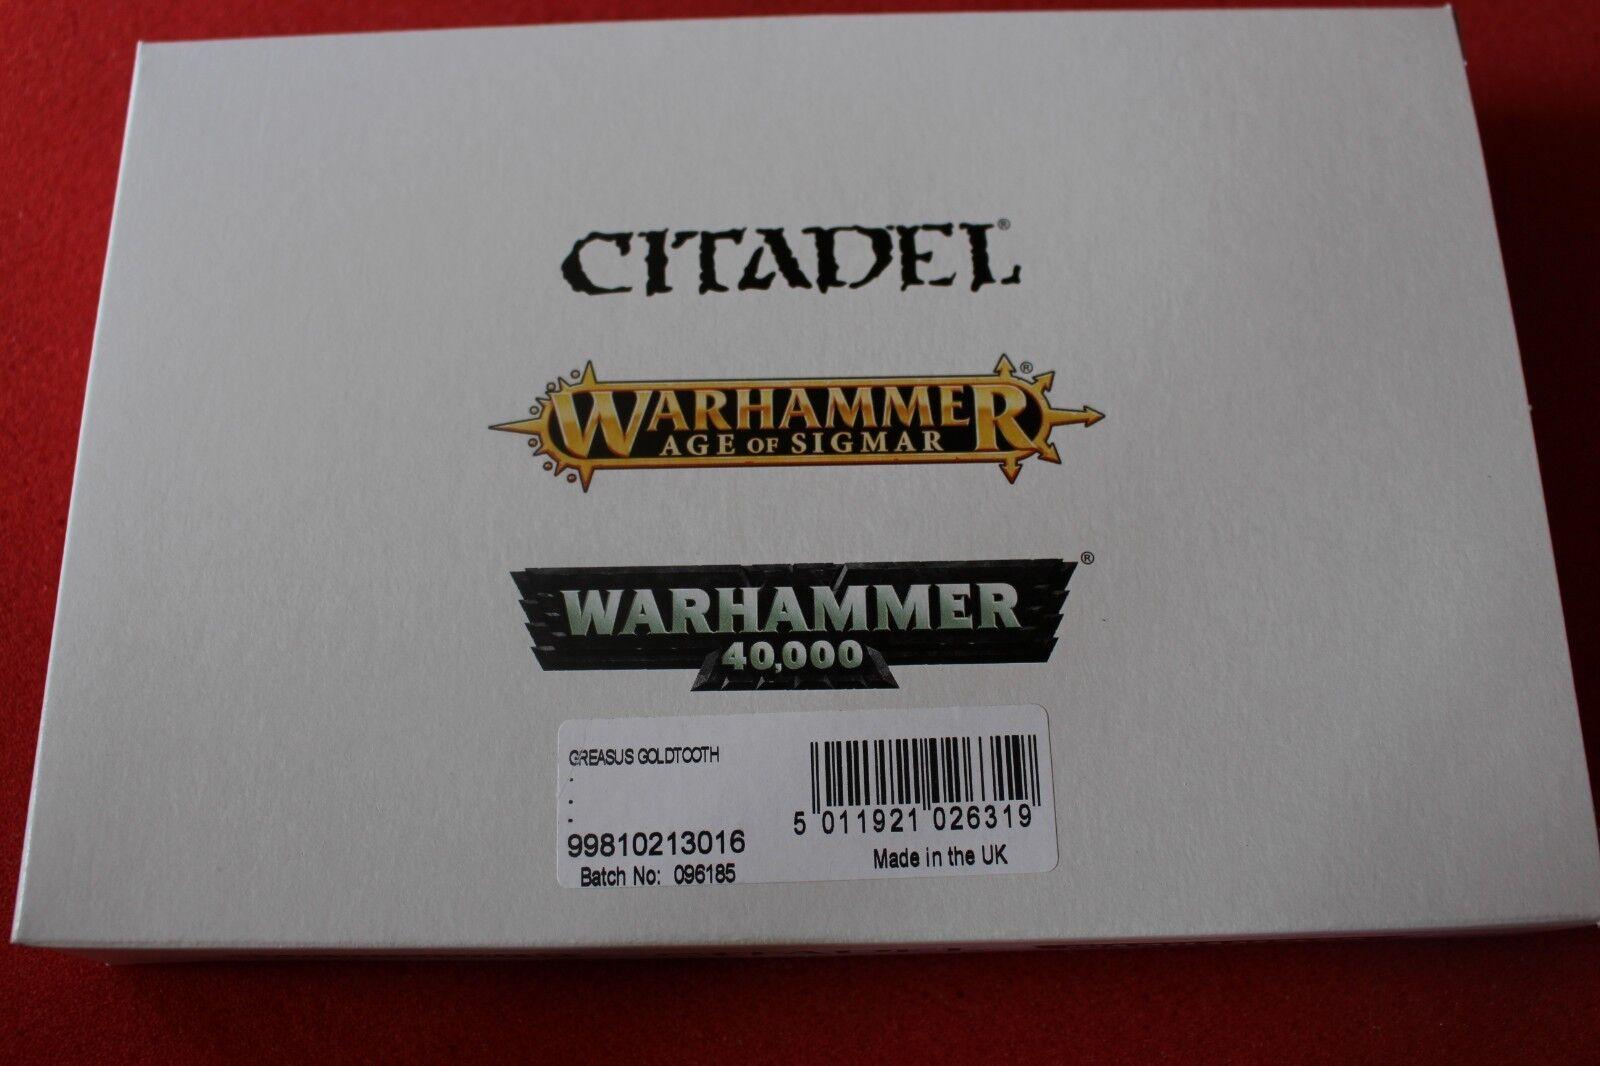 Spel arbetarhop Warhammer Ogre kungariken Greasus guldtooth NIB New Finecast OOP GW